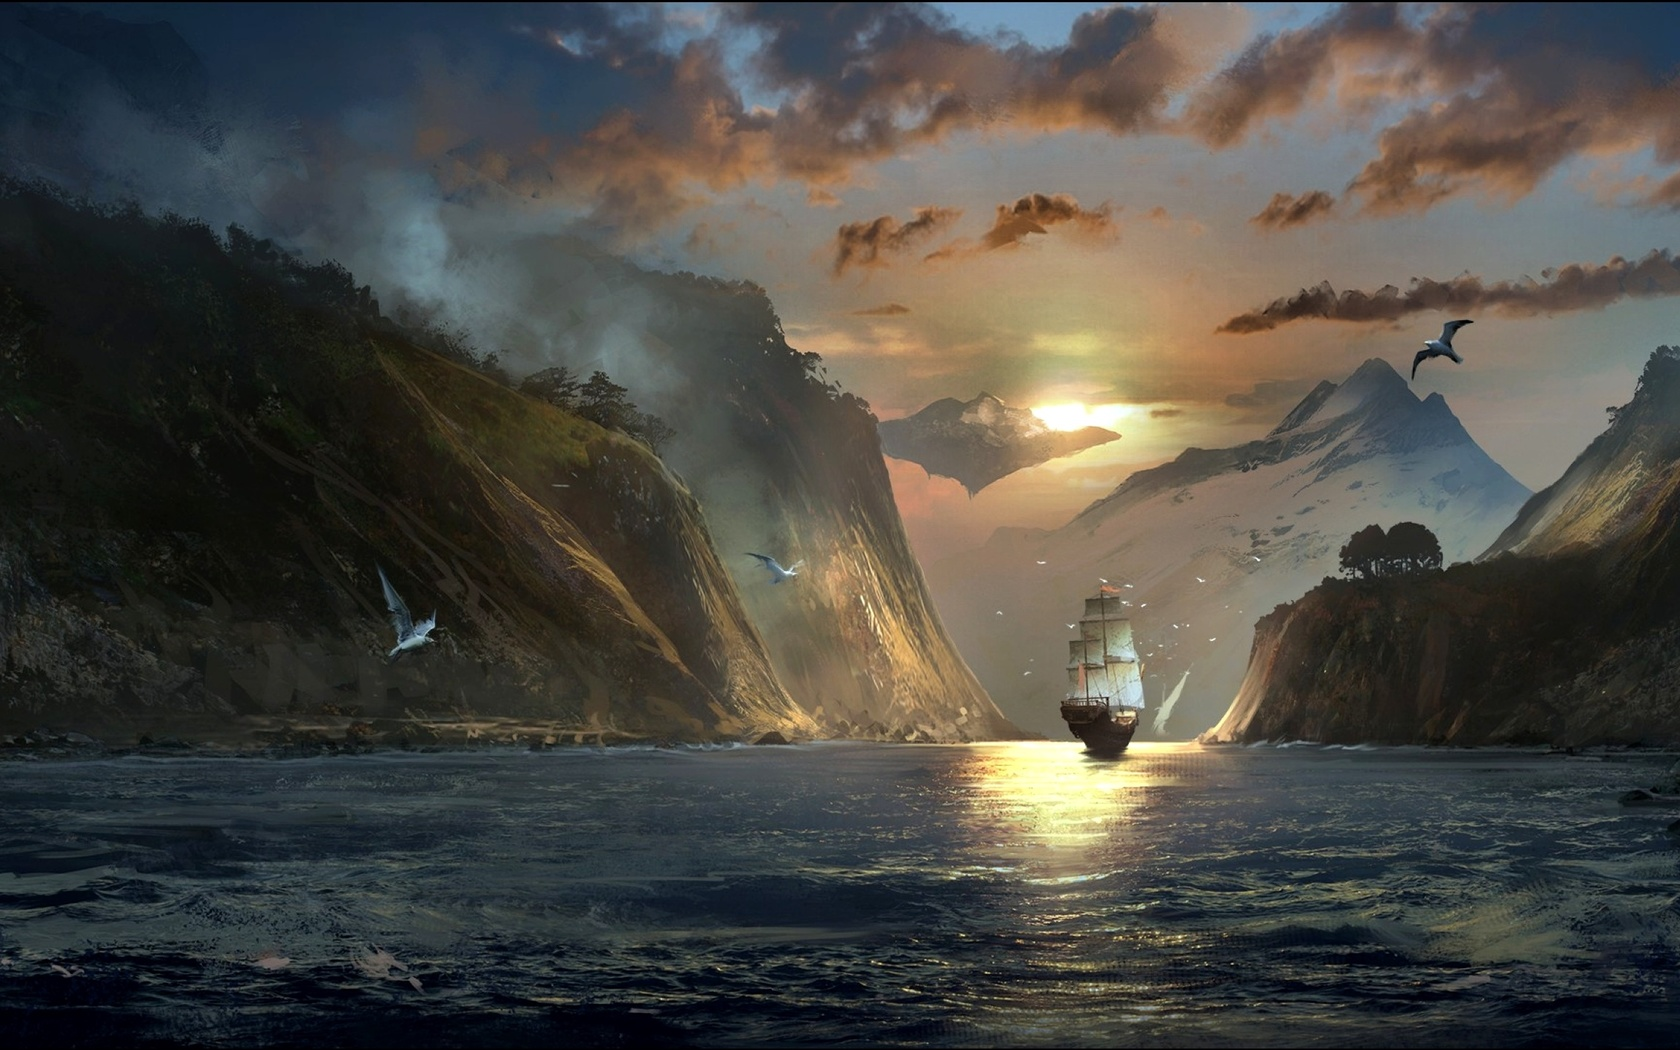 пейзаж, картина, горы, парусник, птицы